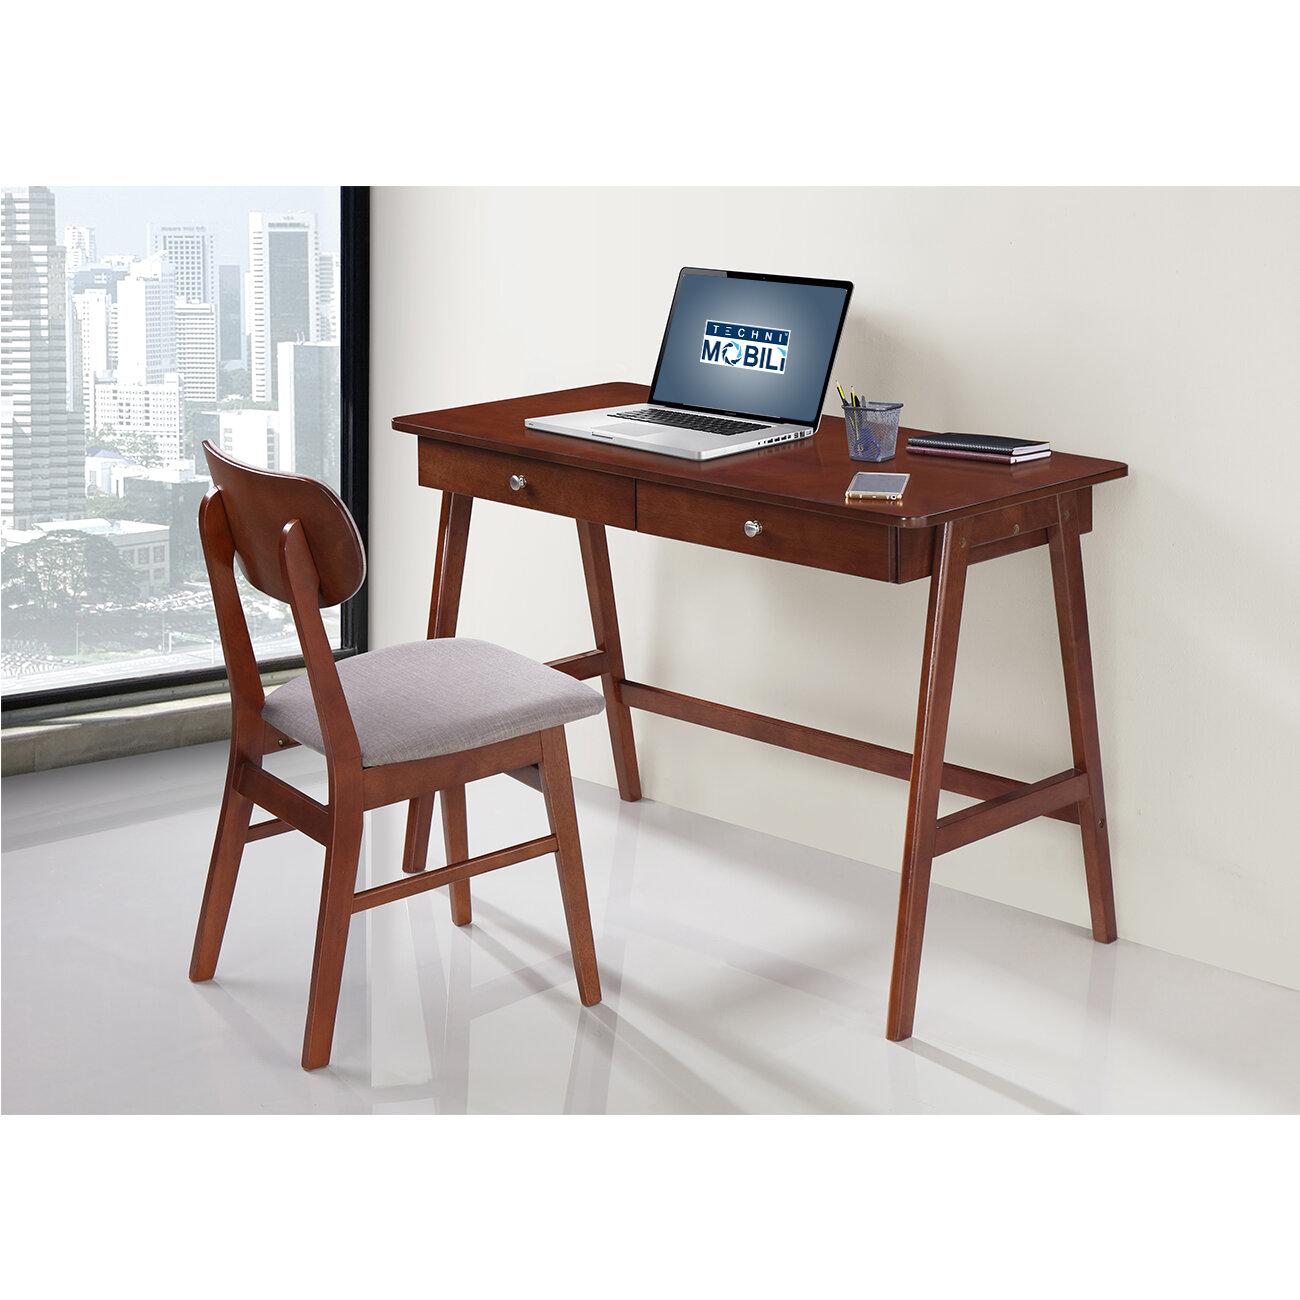 Techni Mobili Techni Mobili Writing Desk And Chair Set | Wayfair